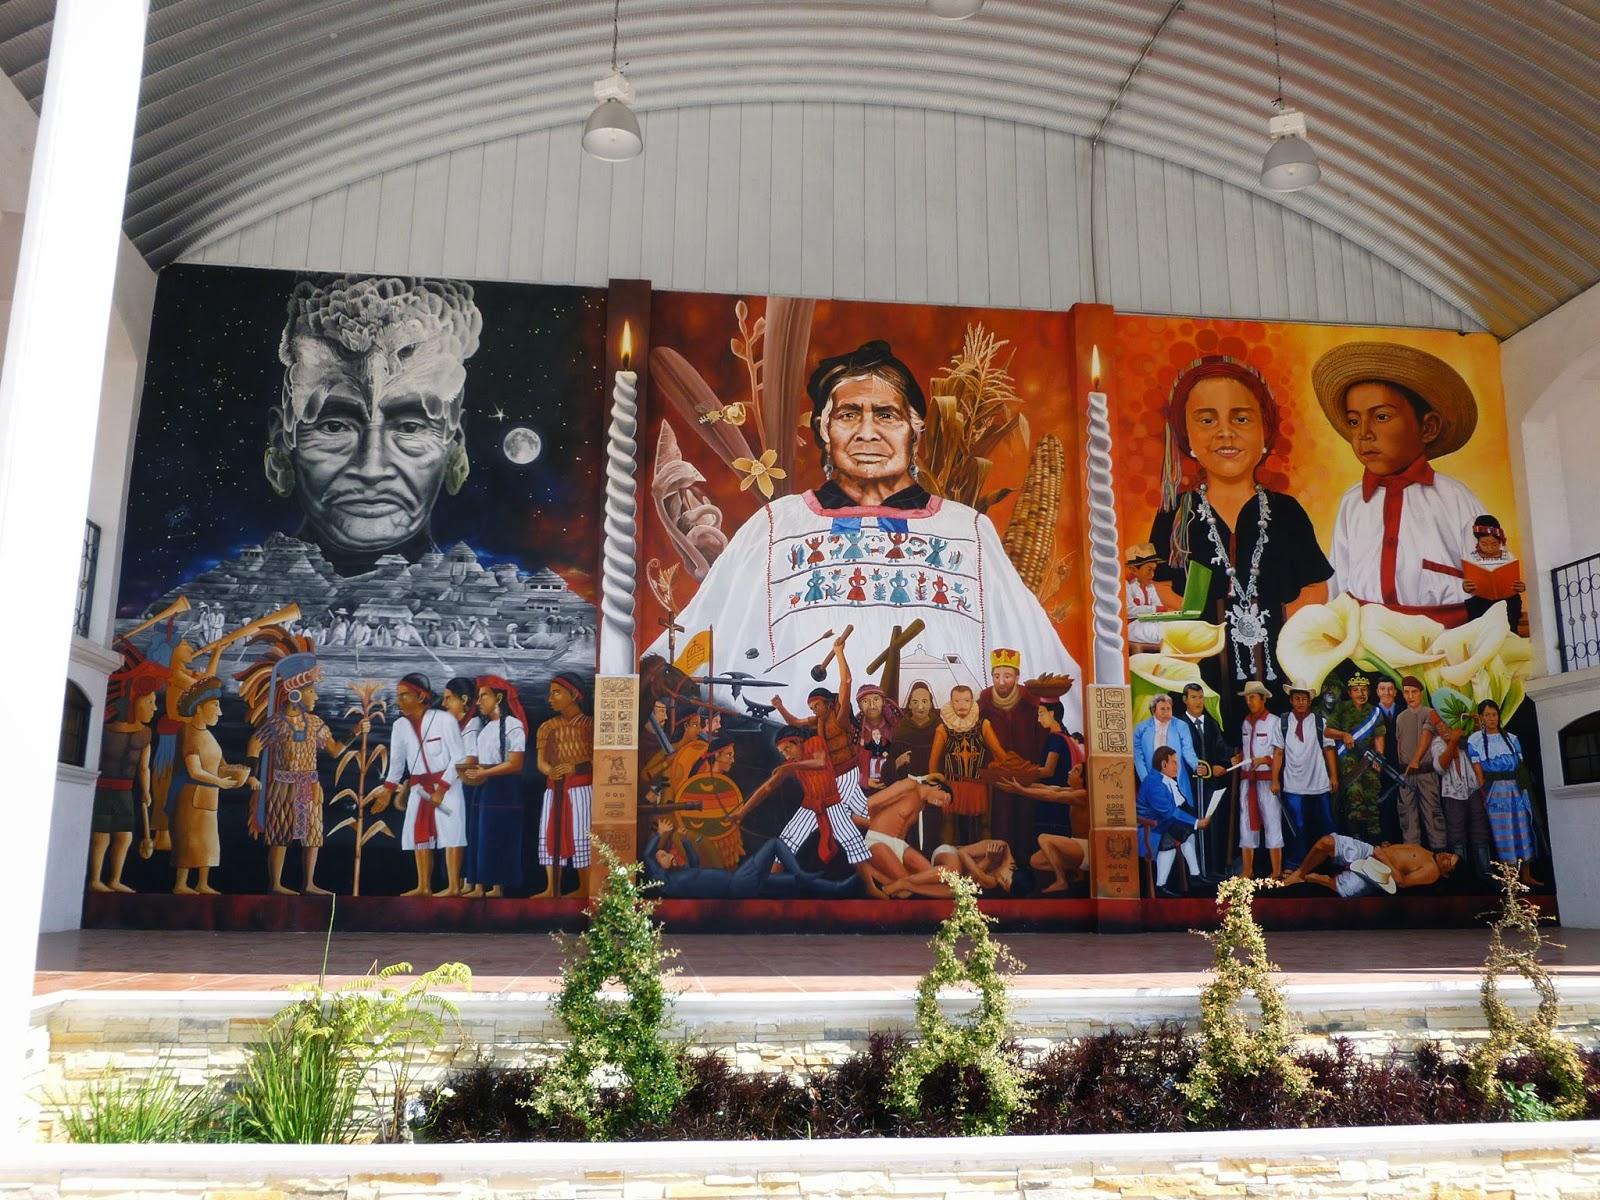 Santa mar a visitaci n la historia narrada en un mural for Caracteristicas de un mural